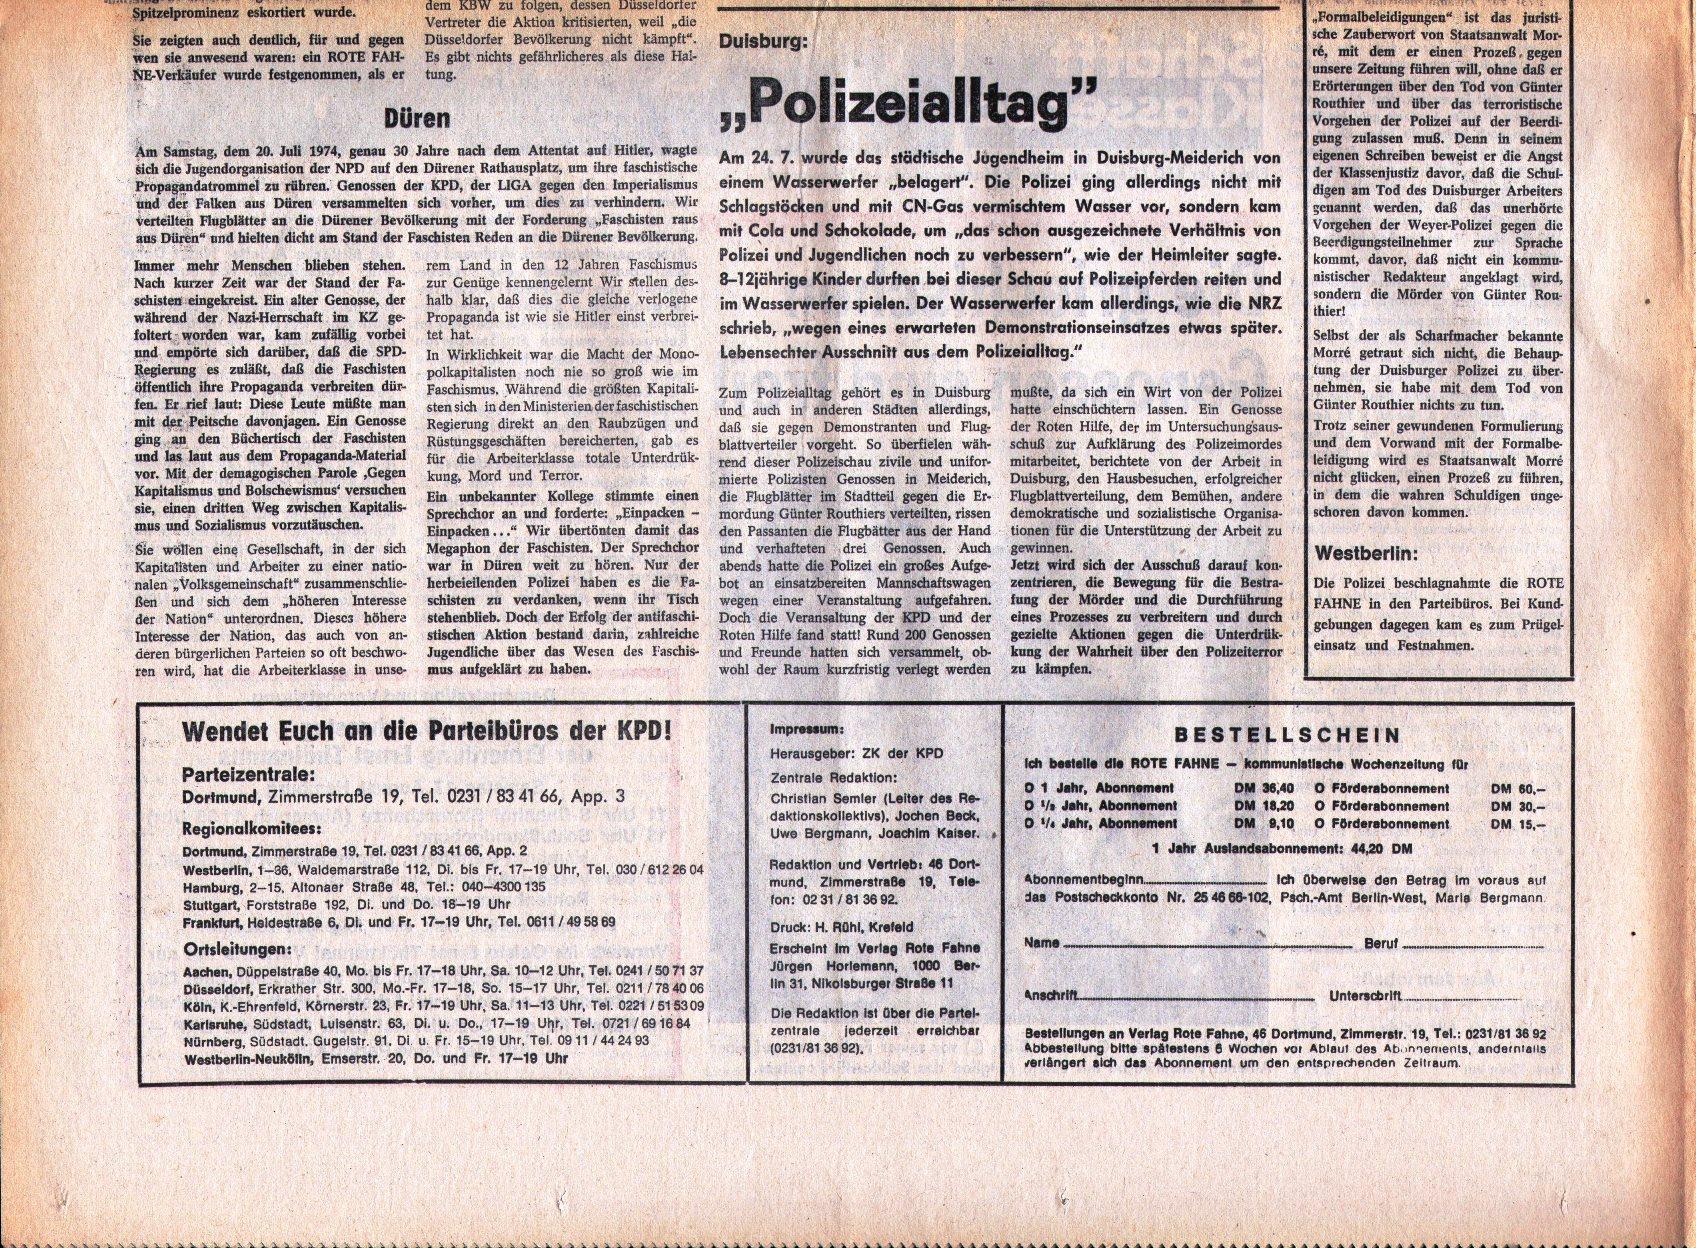 KPD_Rote_Fahne_1974_31_04